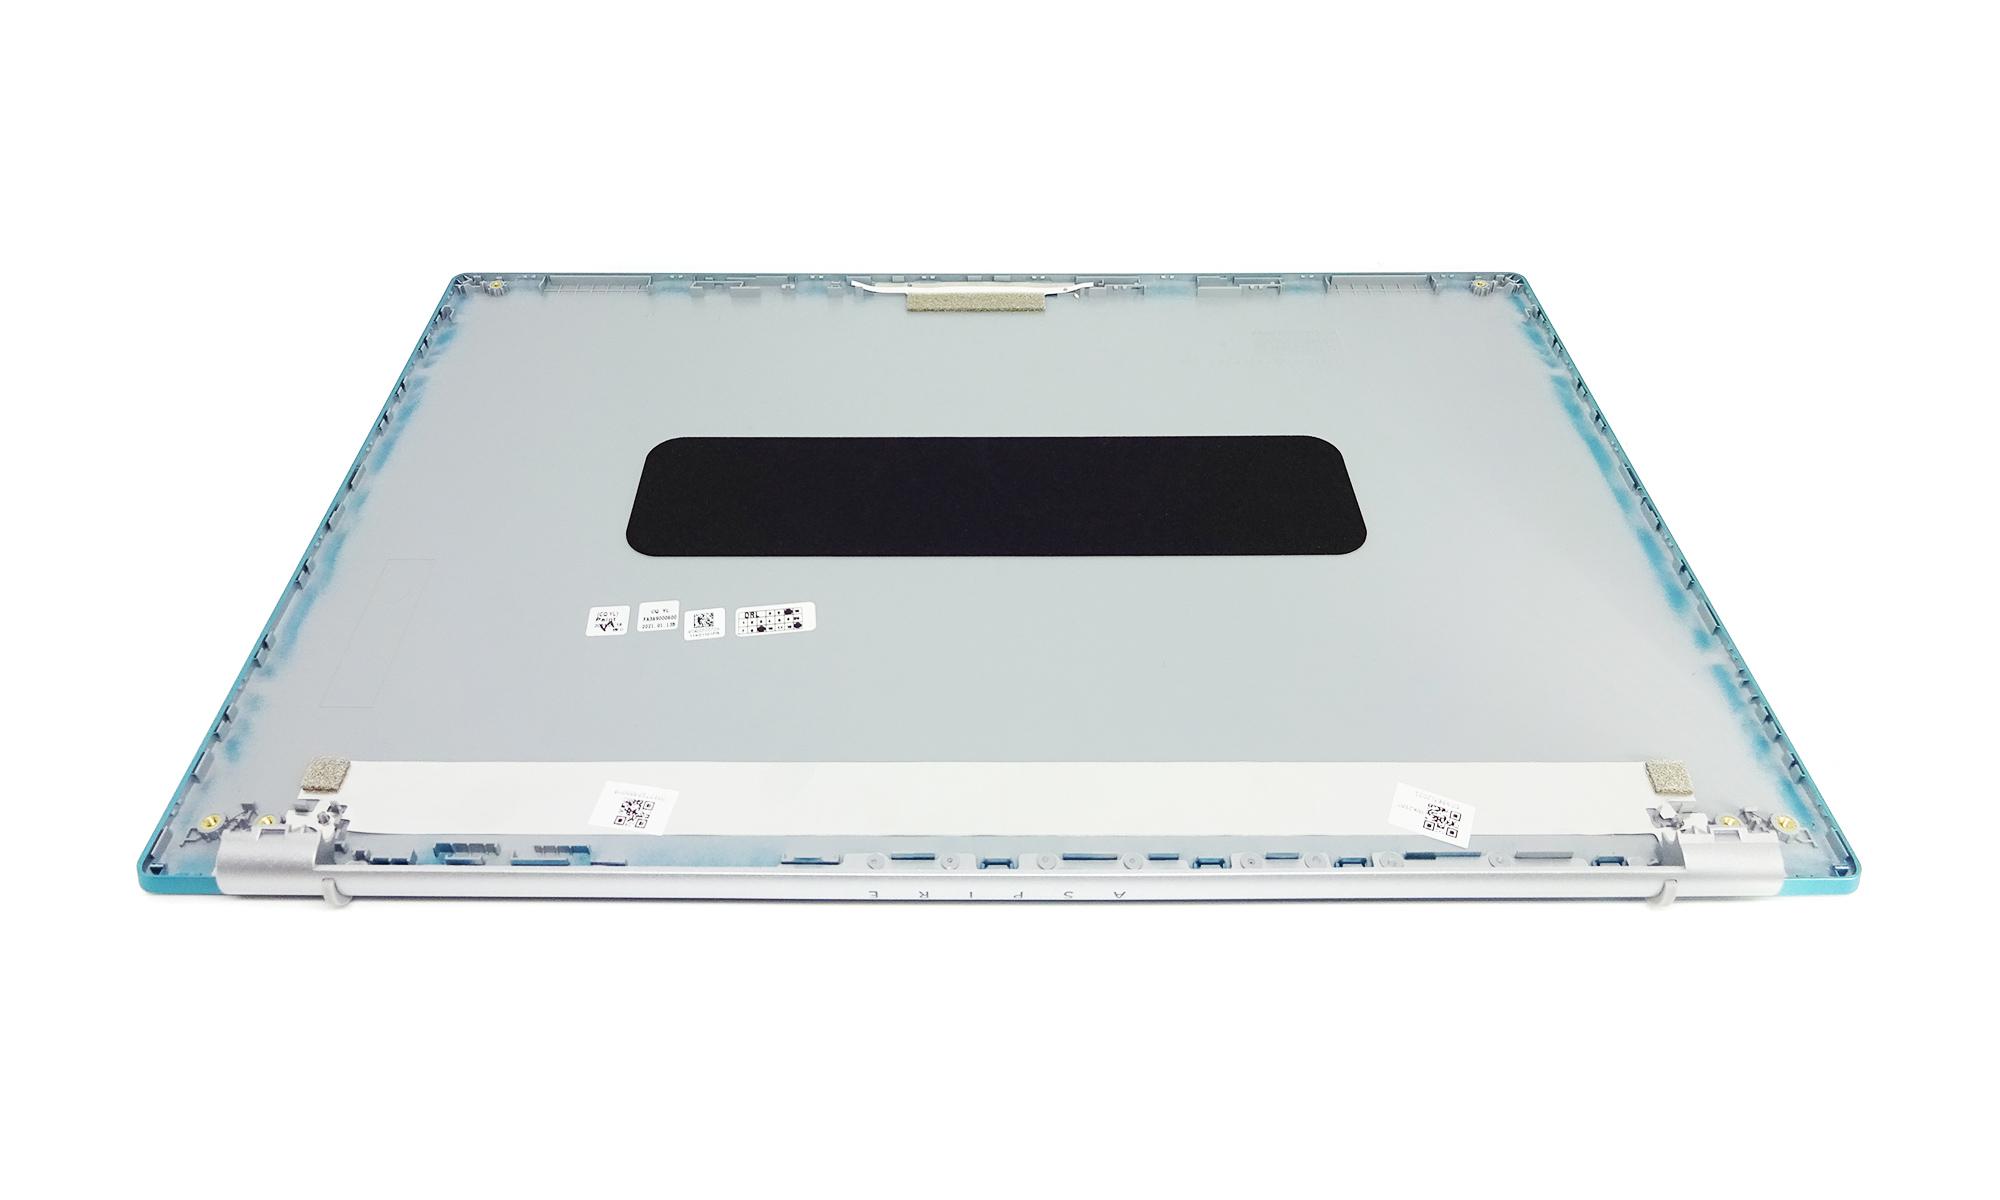 Capac display original Acer Aspire 1 A115-32, Aspire 3 A315-35, turcoaz